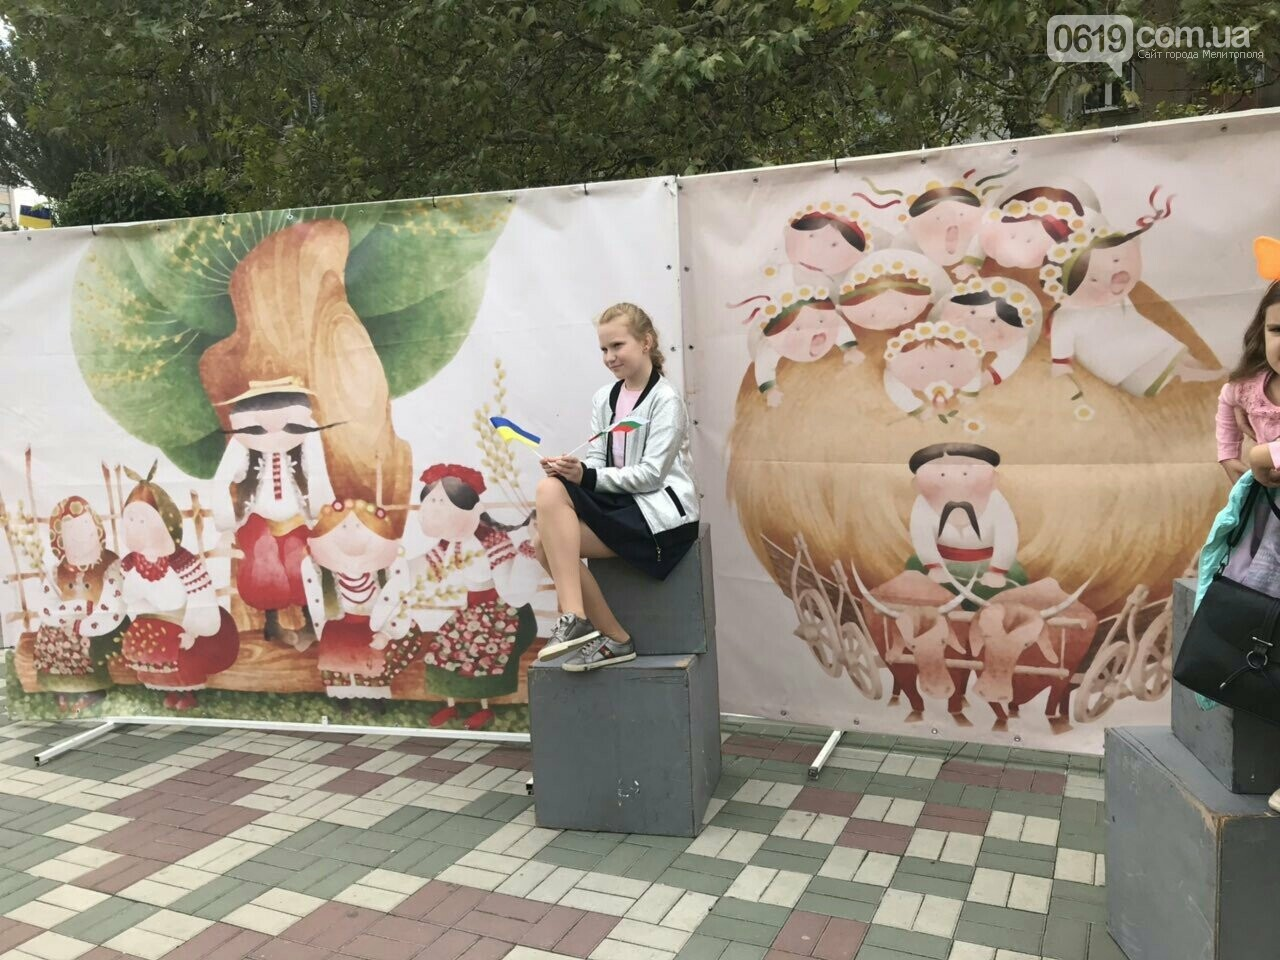 Вкусные блюда, яркие костюмы, выставки-ярмарки: в Мелитополе проходит фестиваль национальных культур, фото-9